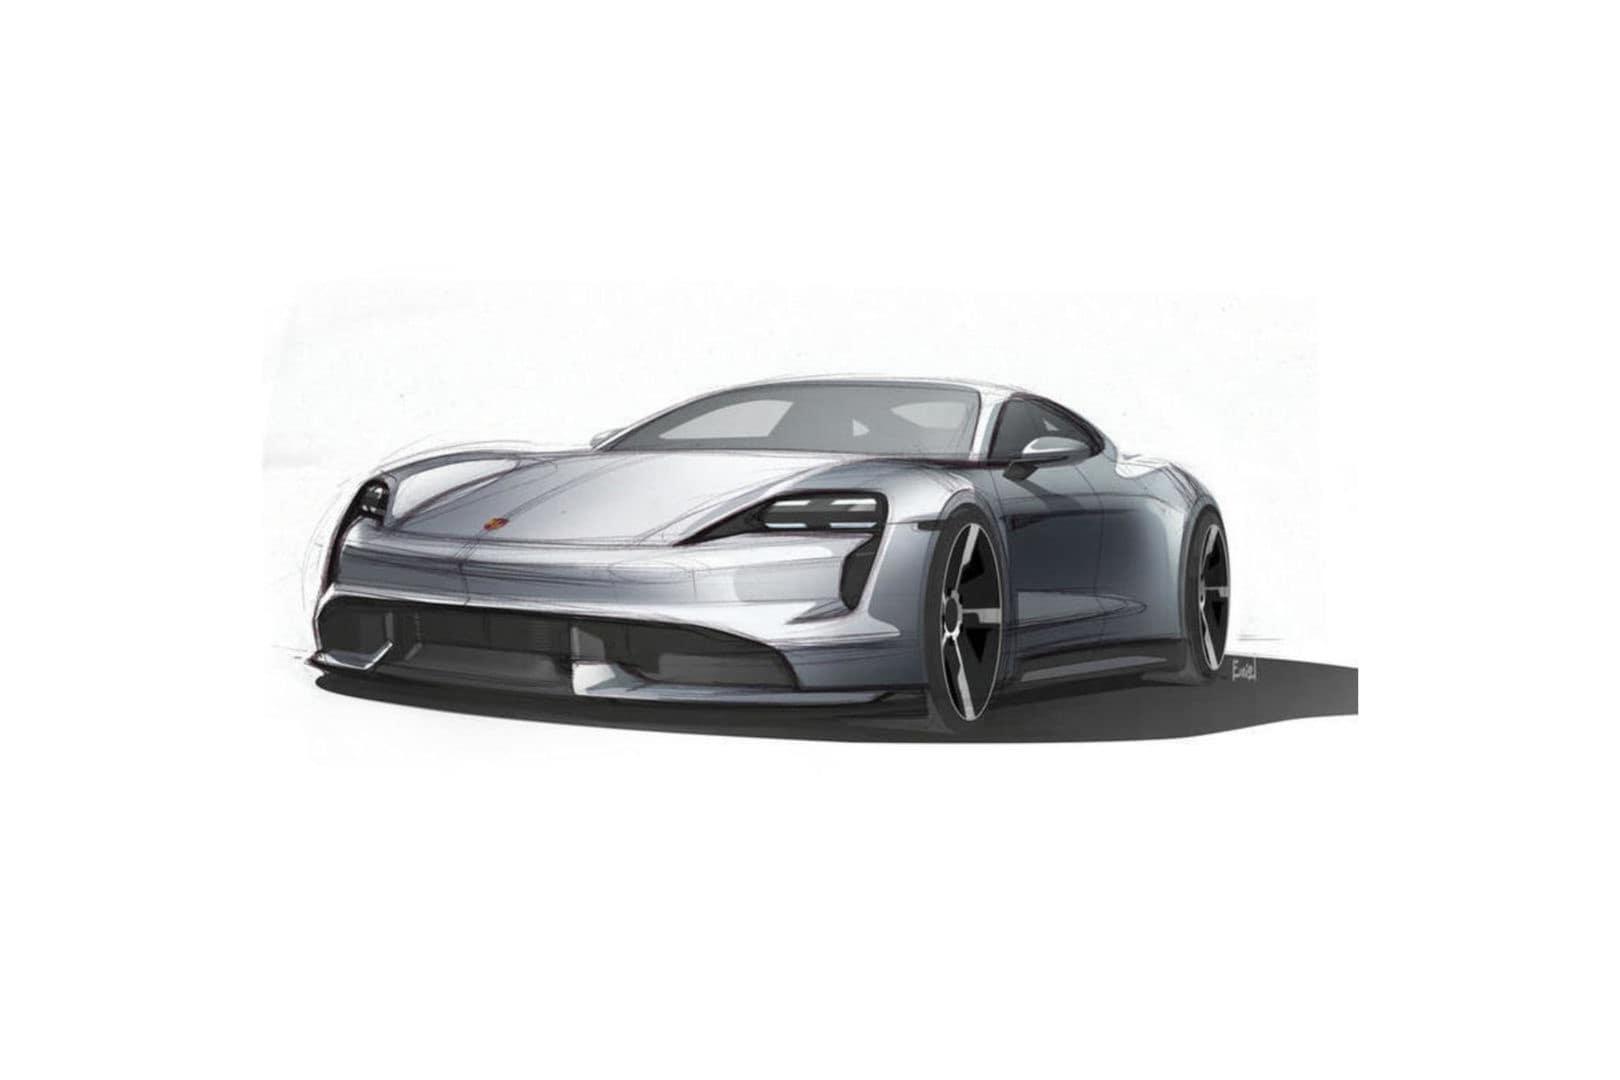 Porsche Taycan, bozzetti ufficiali: foto